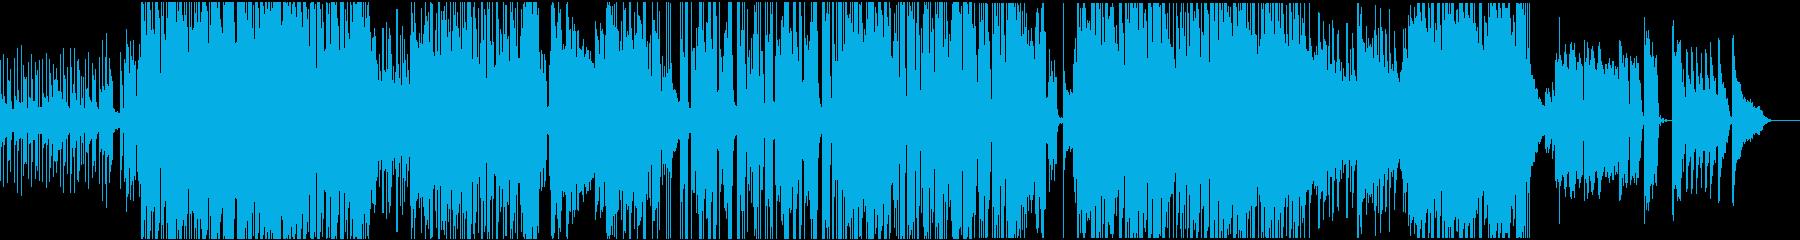 女性ヴォーカルの切ないRnB調ラヴソングの再生済みの波形